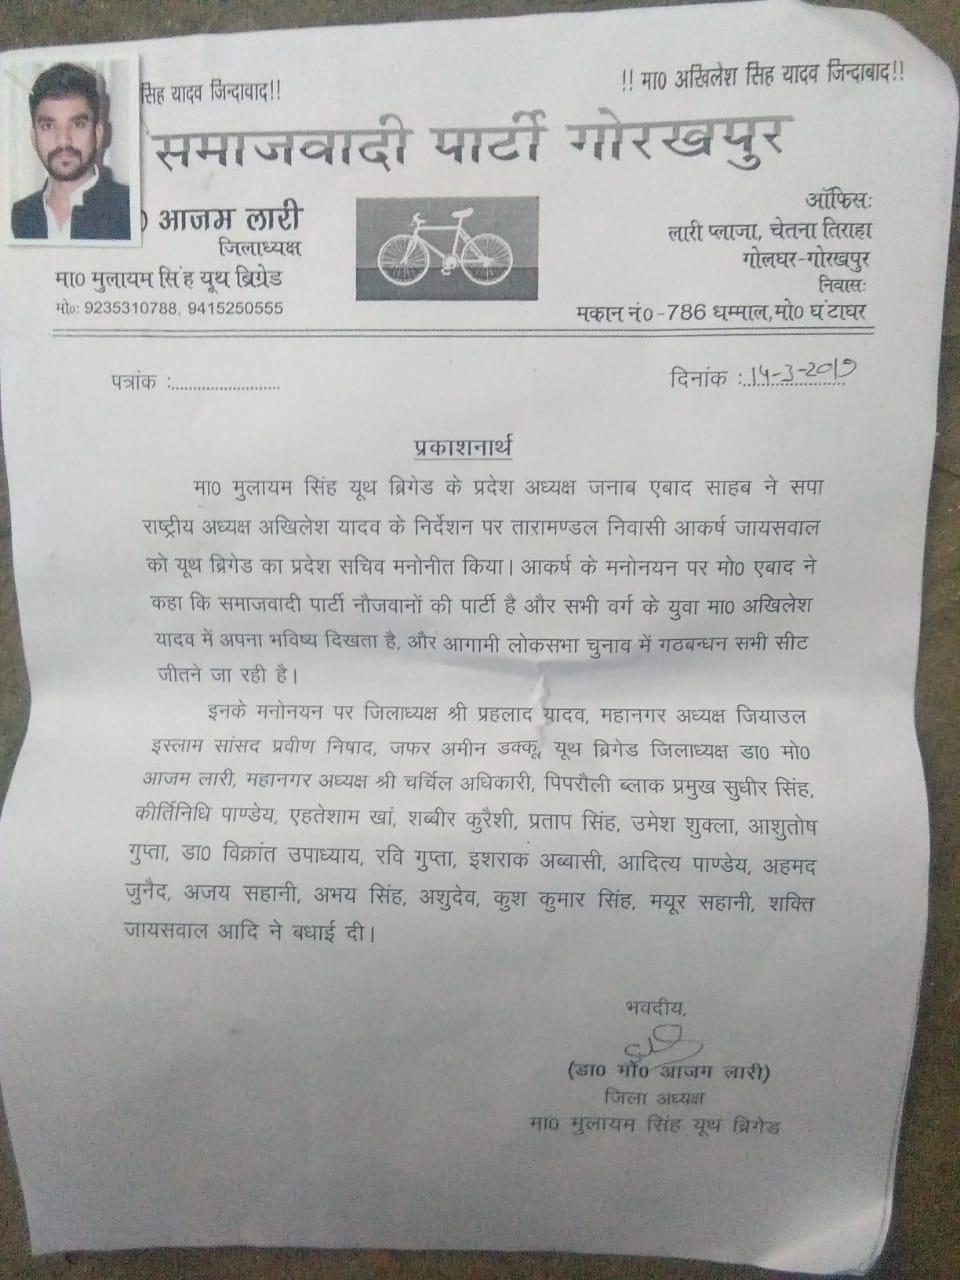 चुनाव से पहले गोरखपुर के आकर्ष को मिली बड़ी ज़िम्मेदारी, बनाए गए मुलायम सिंह यूथ ब्रिगेड के प्रदेश सचिव 1